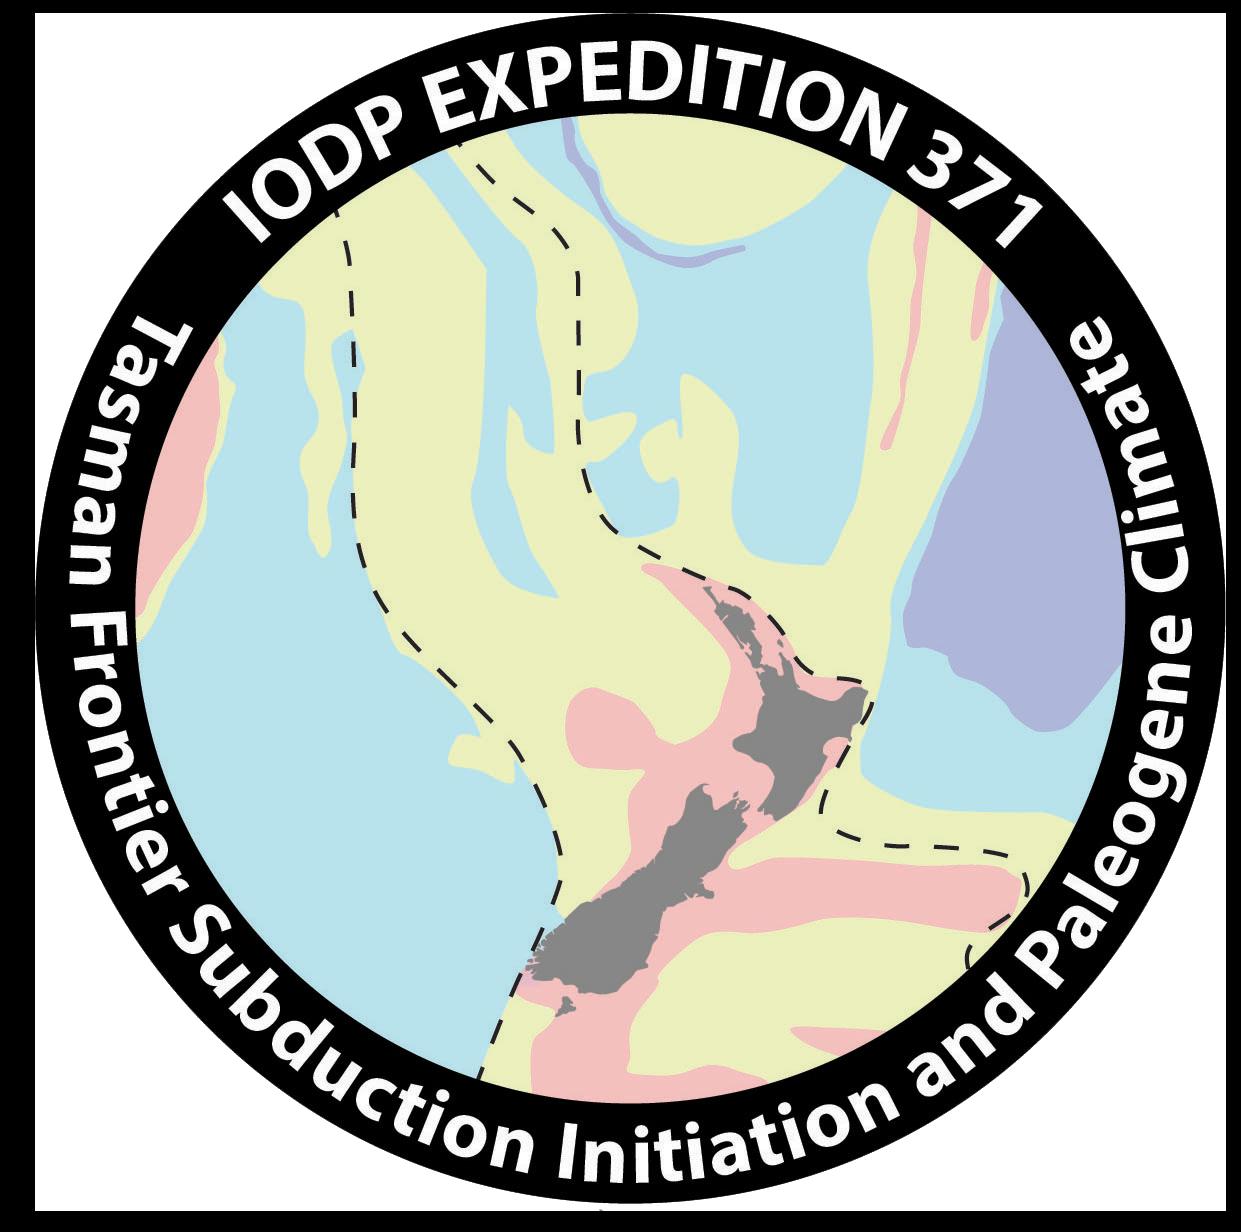 Tasman frontier subduction initiation. Clipart rock sediment